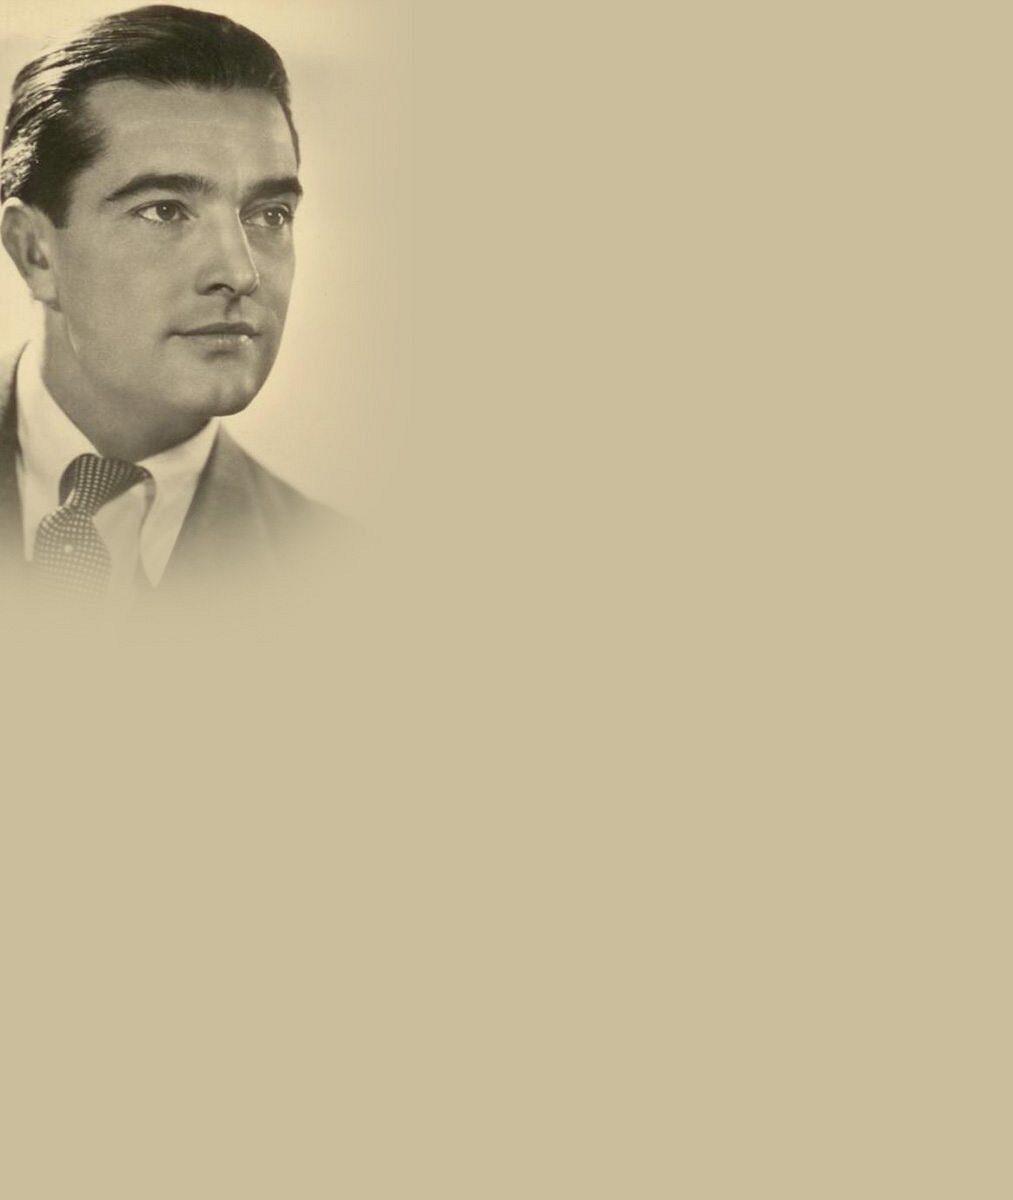 Smutný obrázek: Takhle se s filmovým plátnem loučil nejkrásnější milovník našeho předválečného filmu